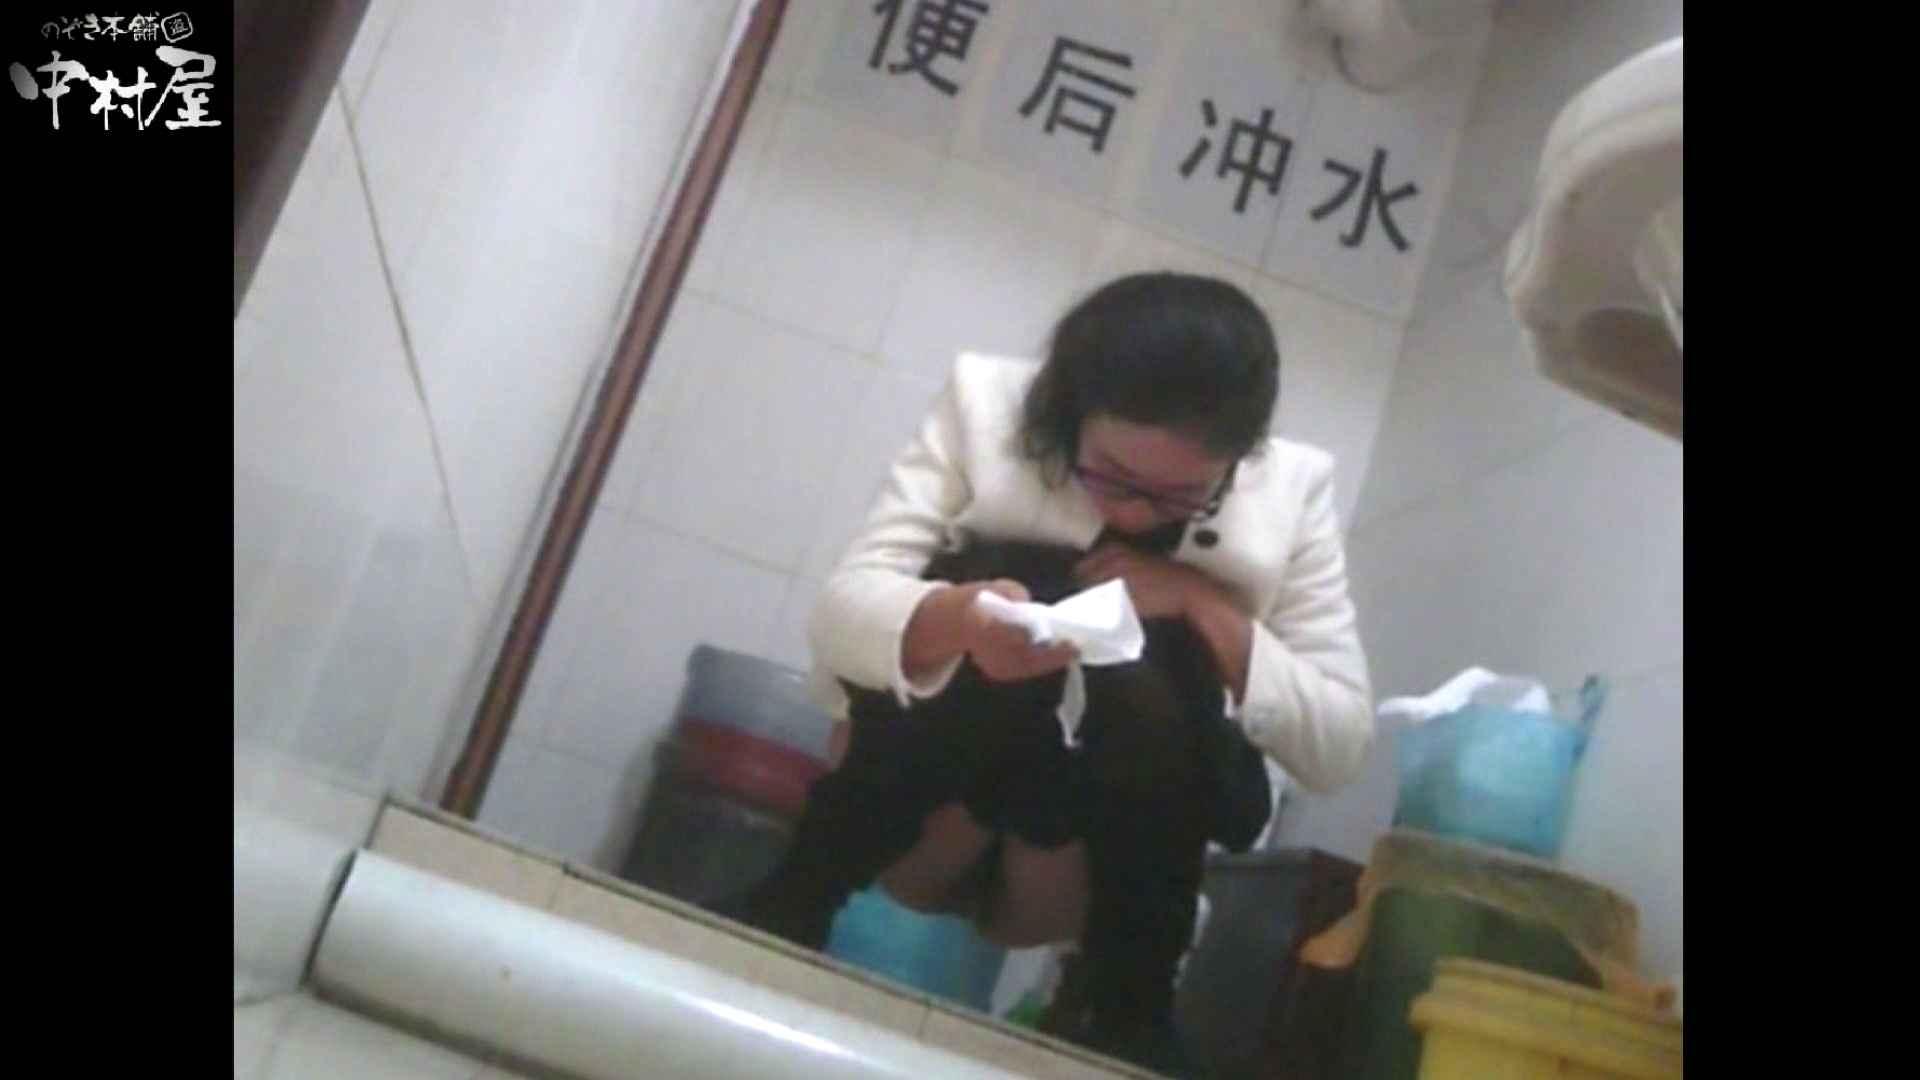 李さんの盗撮日記 Vol.15 トイレ 盗撮 78PIX 4